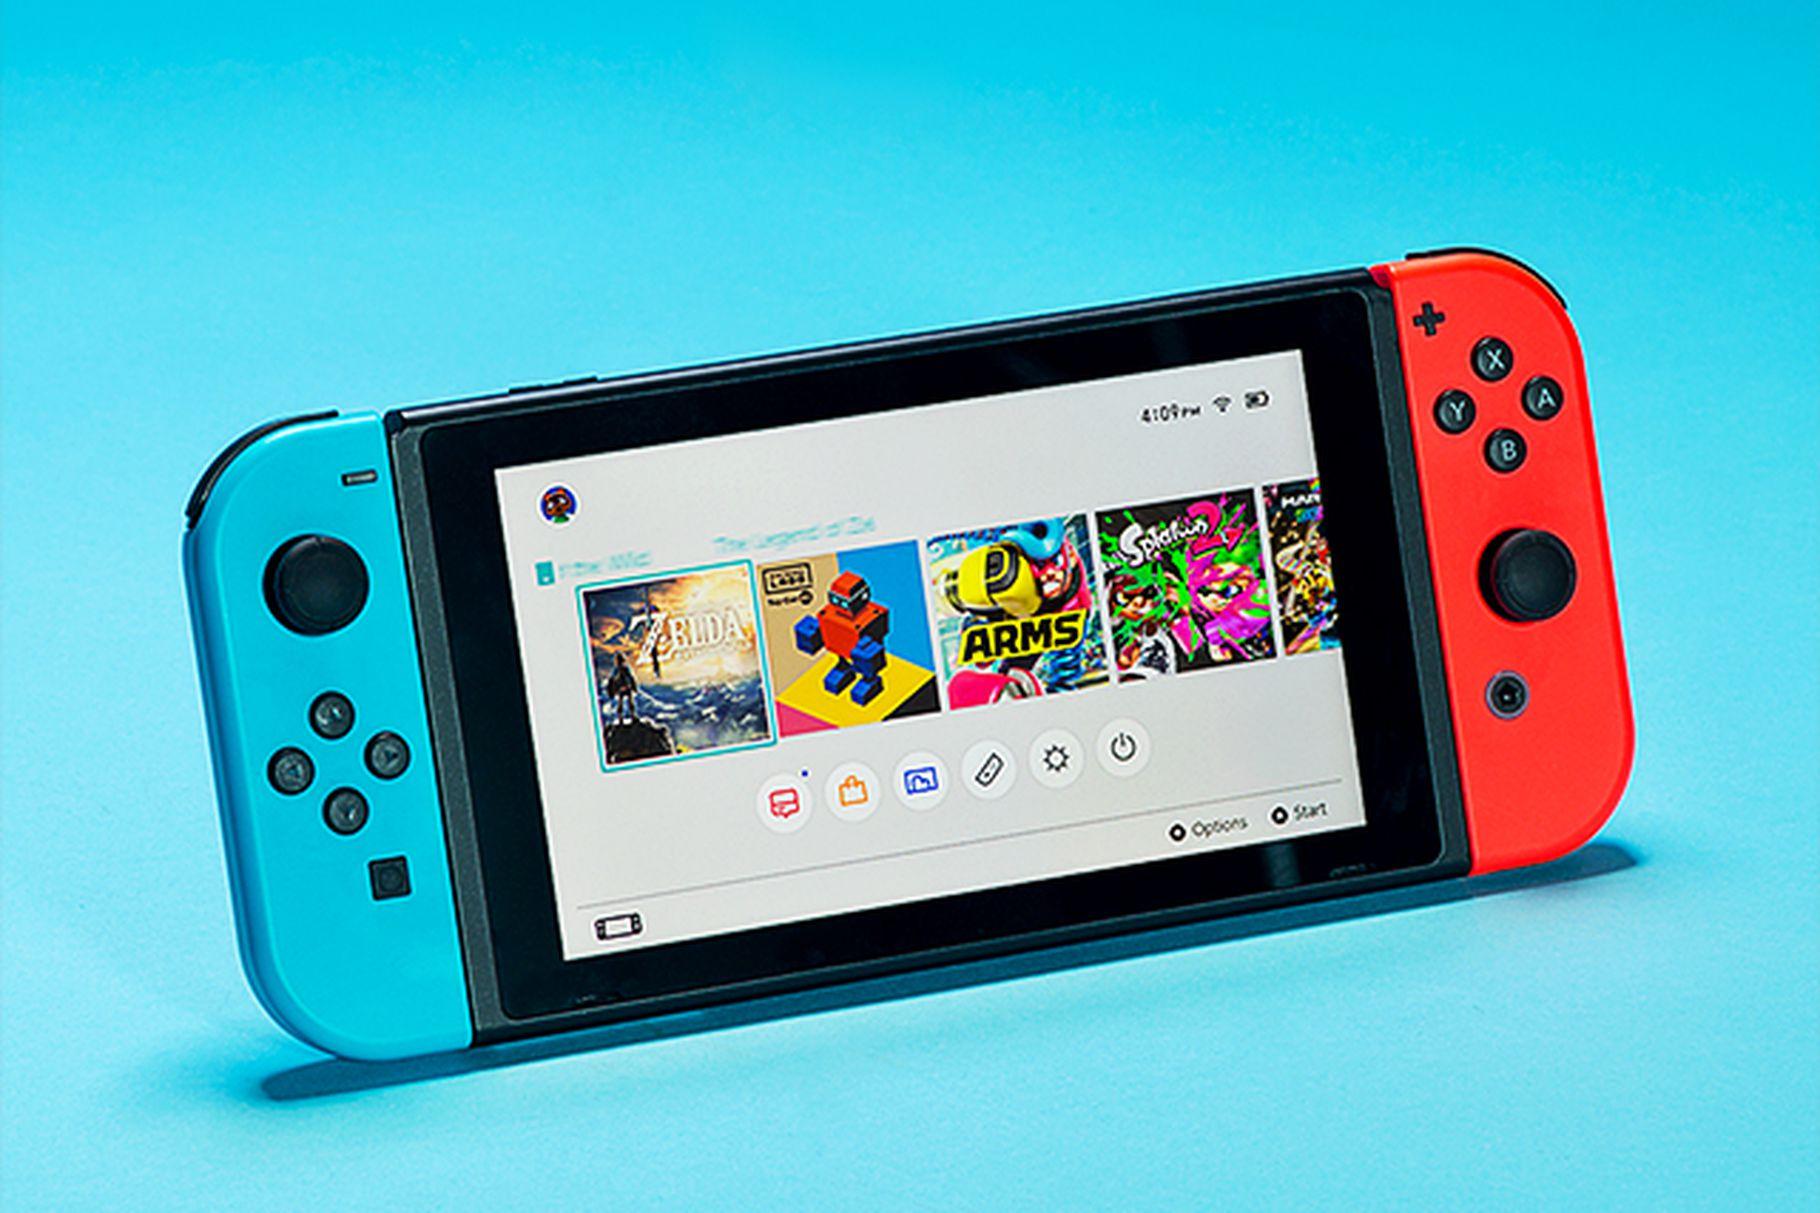 Nintendo SwitchZein indie jokoak etorriko dira Turkiara?